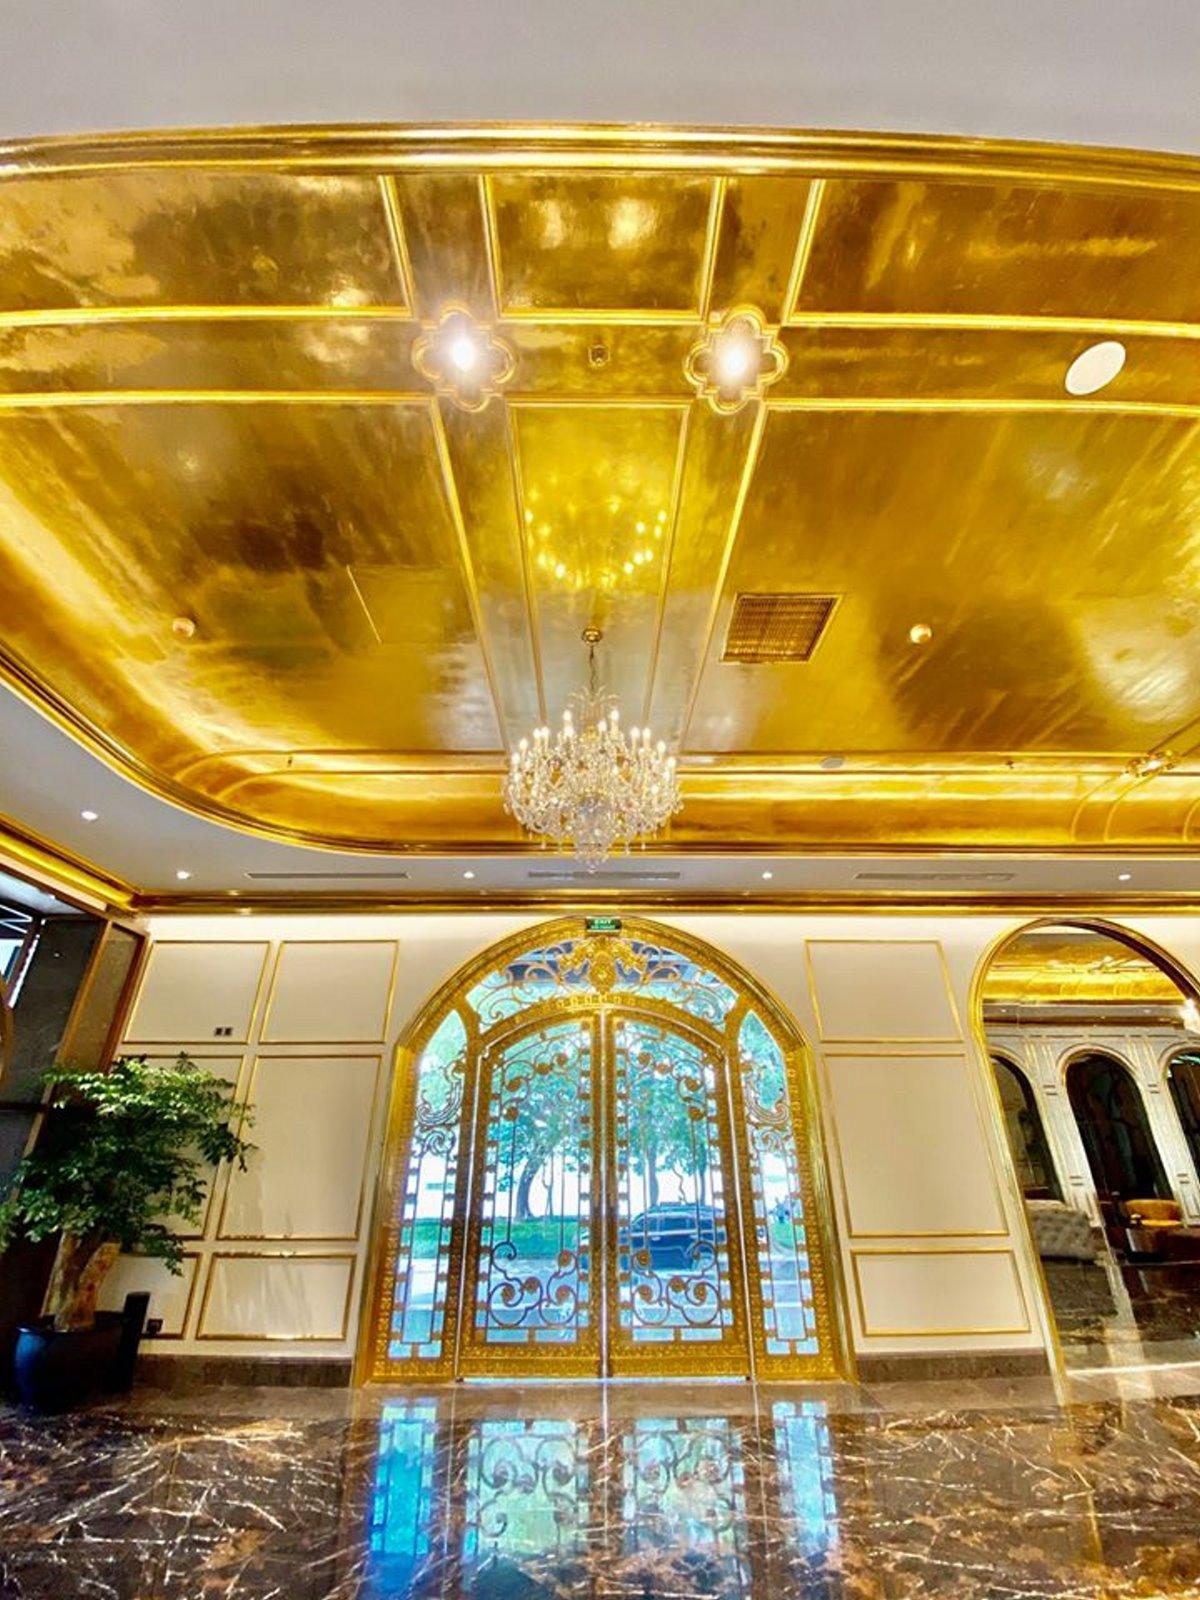 Η οροφή του επίχρυσου ξενοδοχείου Ανόι εξωφρενική χλιδή